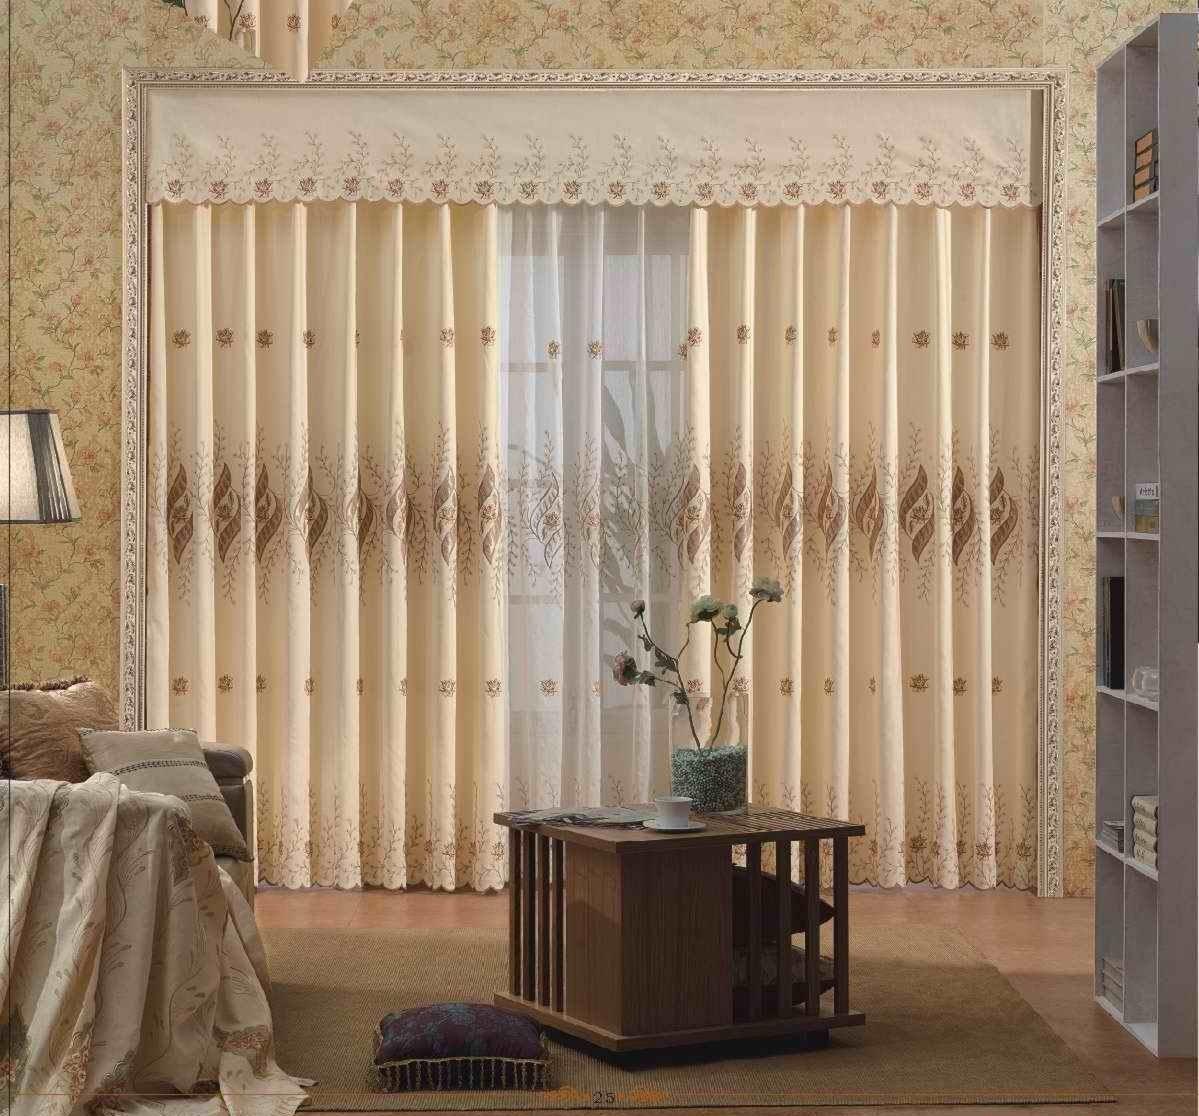 بالصور ستائر غرف نوم , شاهد احدث ستائر غرف النوم 1908 2